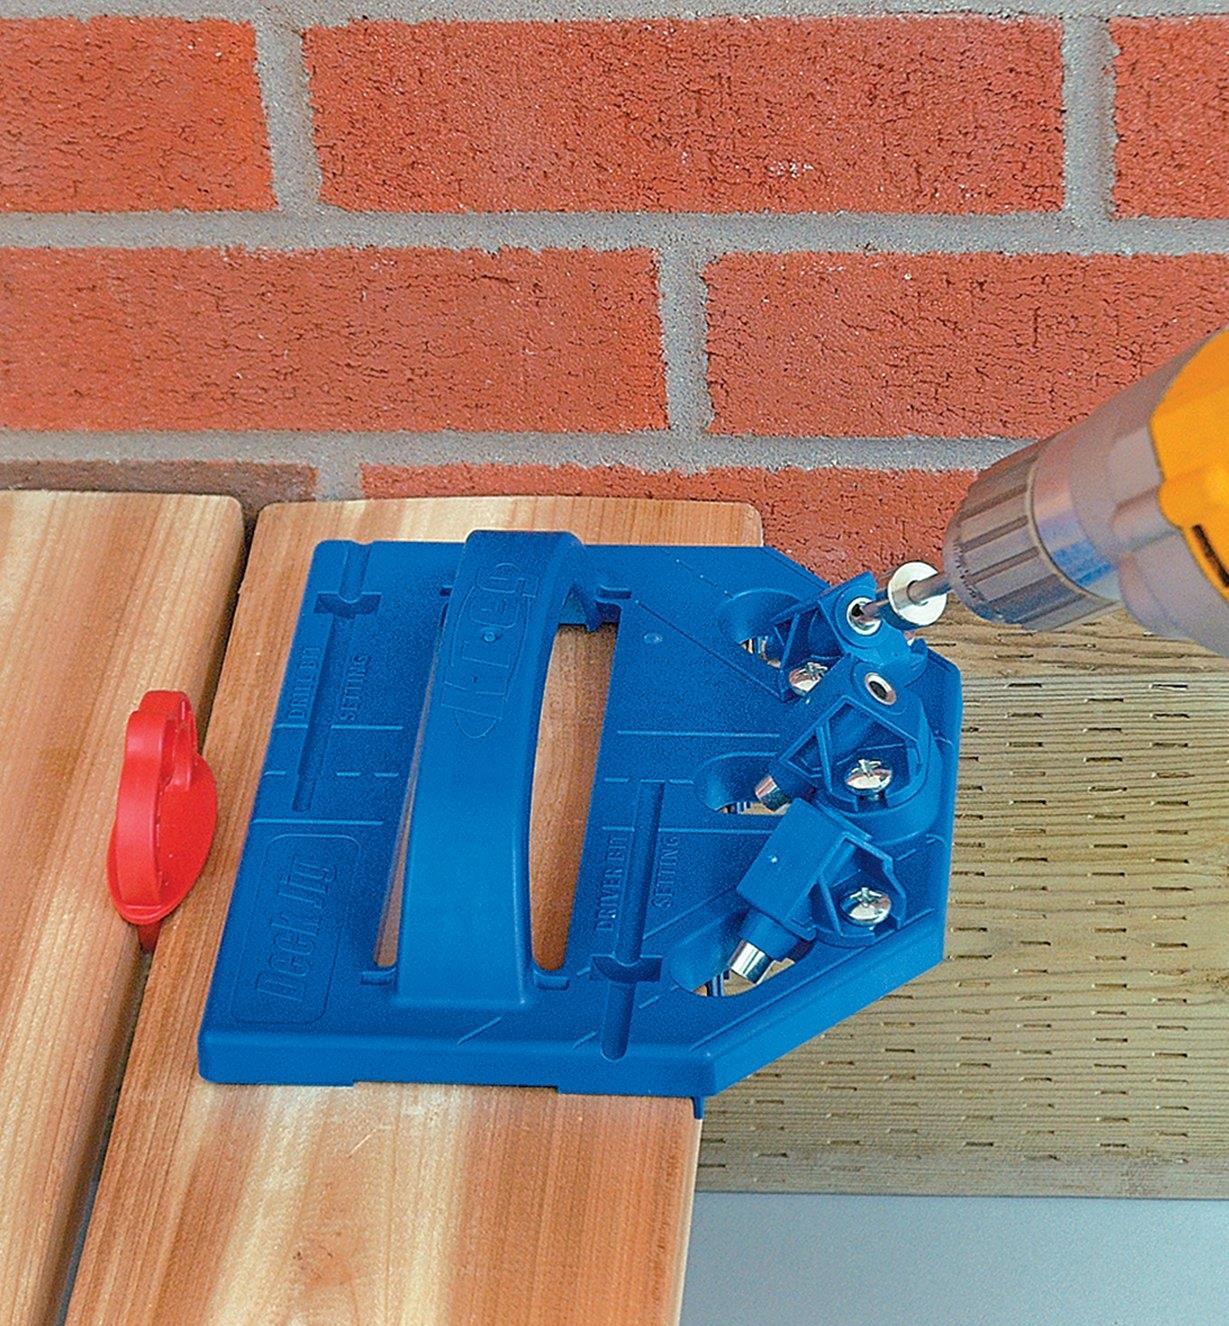 25K6080 - Ensemble Kreg pour terrasse